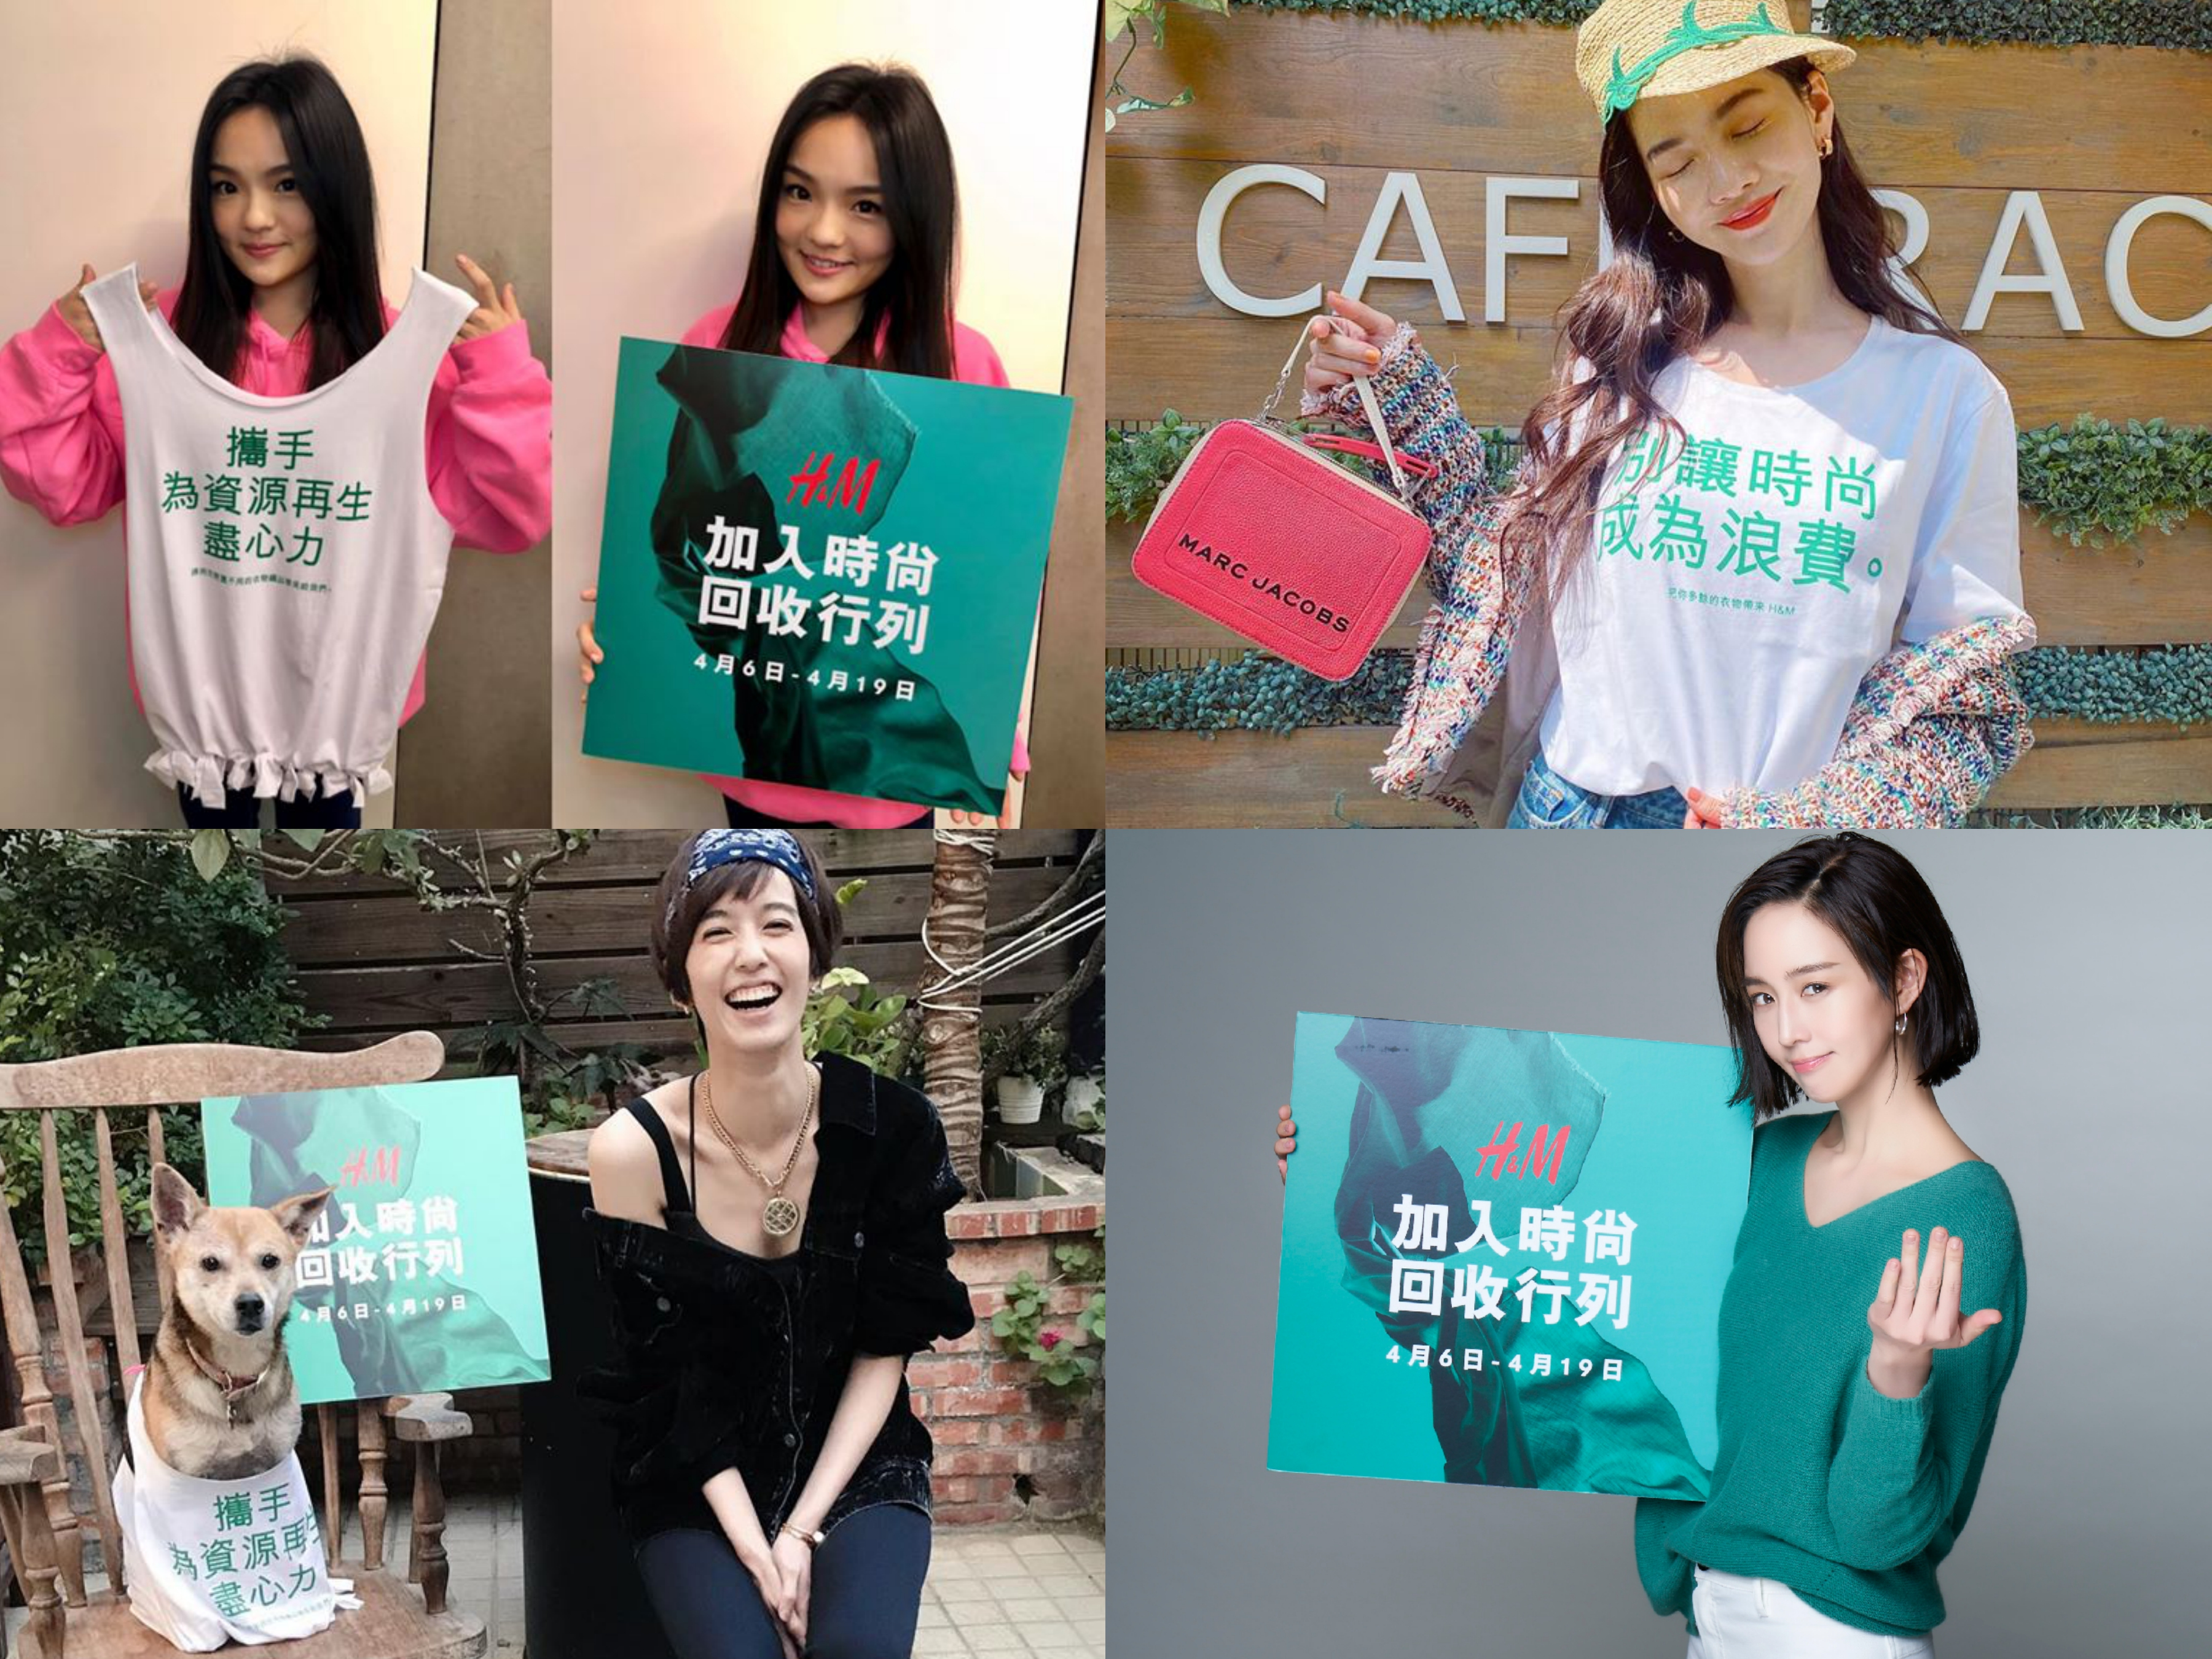 H&M舊衣回收+永續再生,女神張鈞甯、徐佳瑩、陳庭妮、曾之喬一起響應